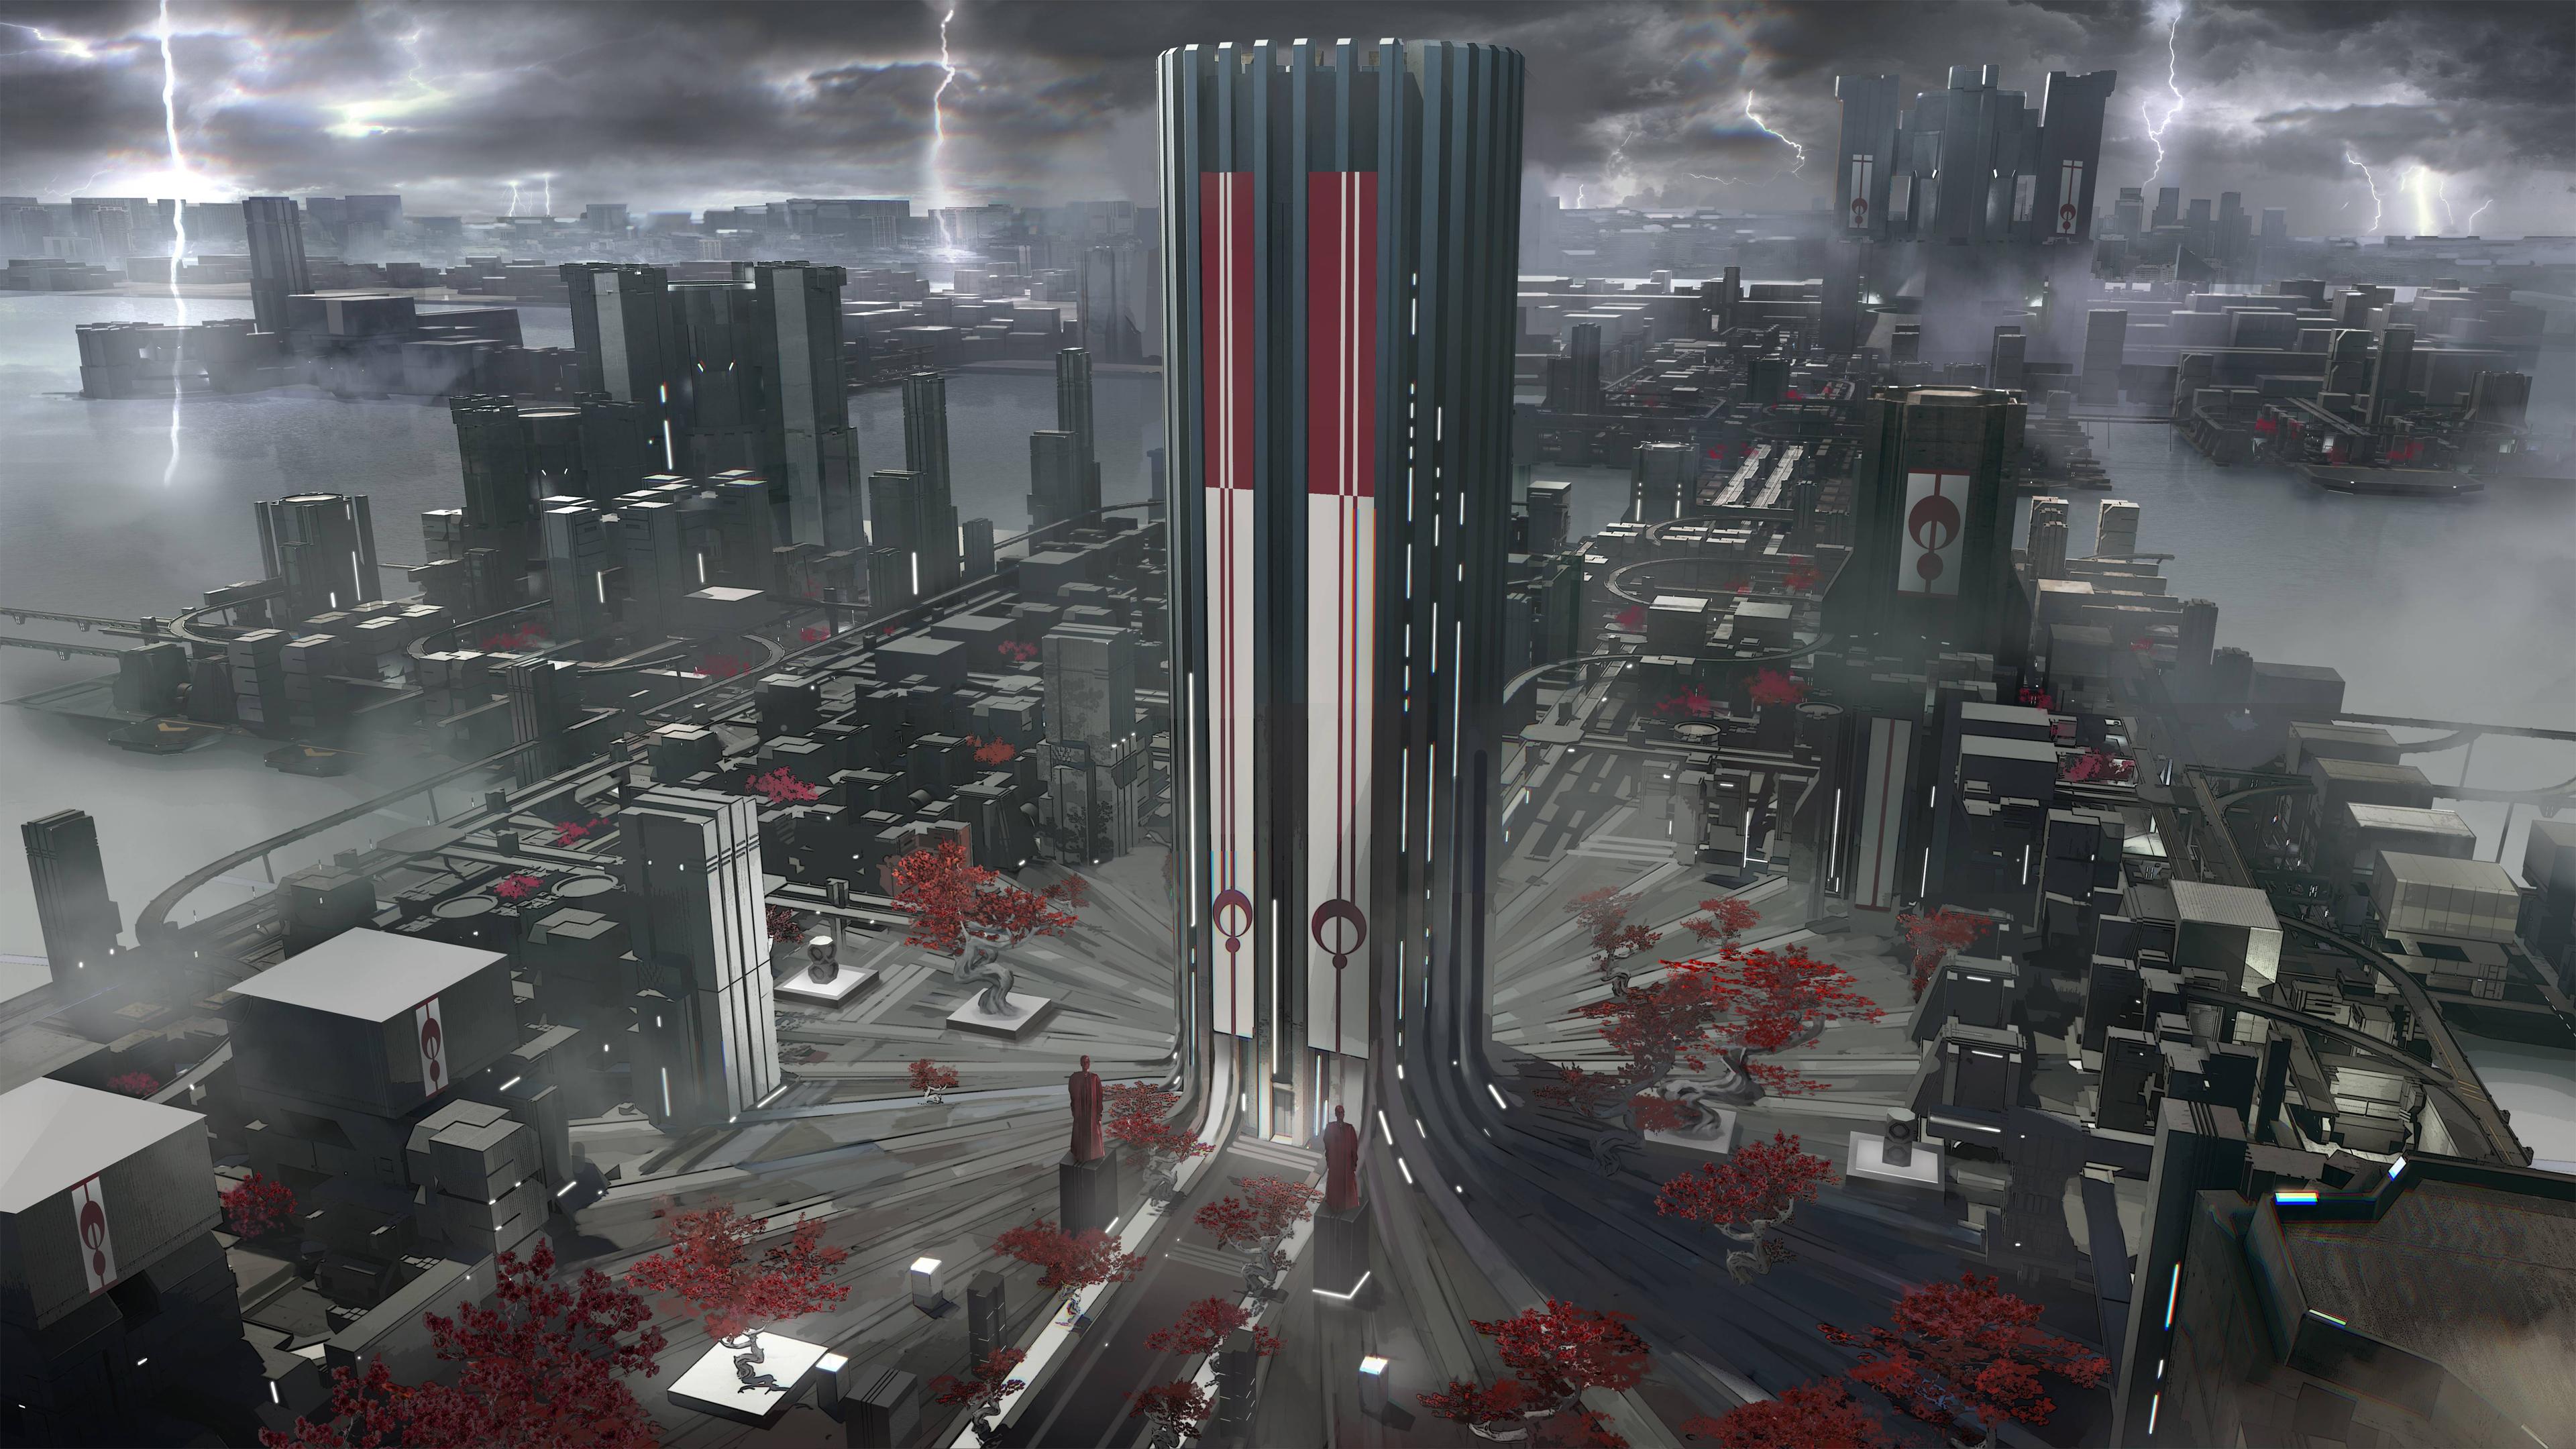 Wallpaper Star Wars Battlefront II, Concept art, Vardos, 4K